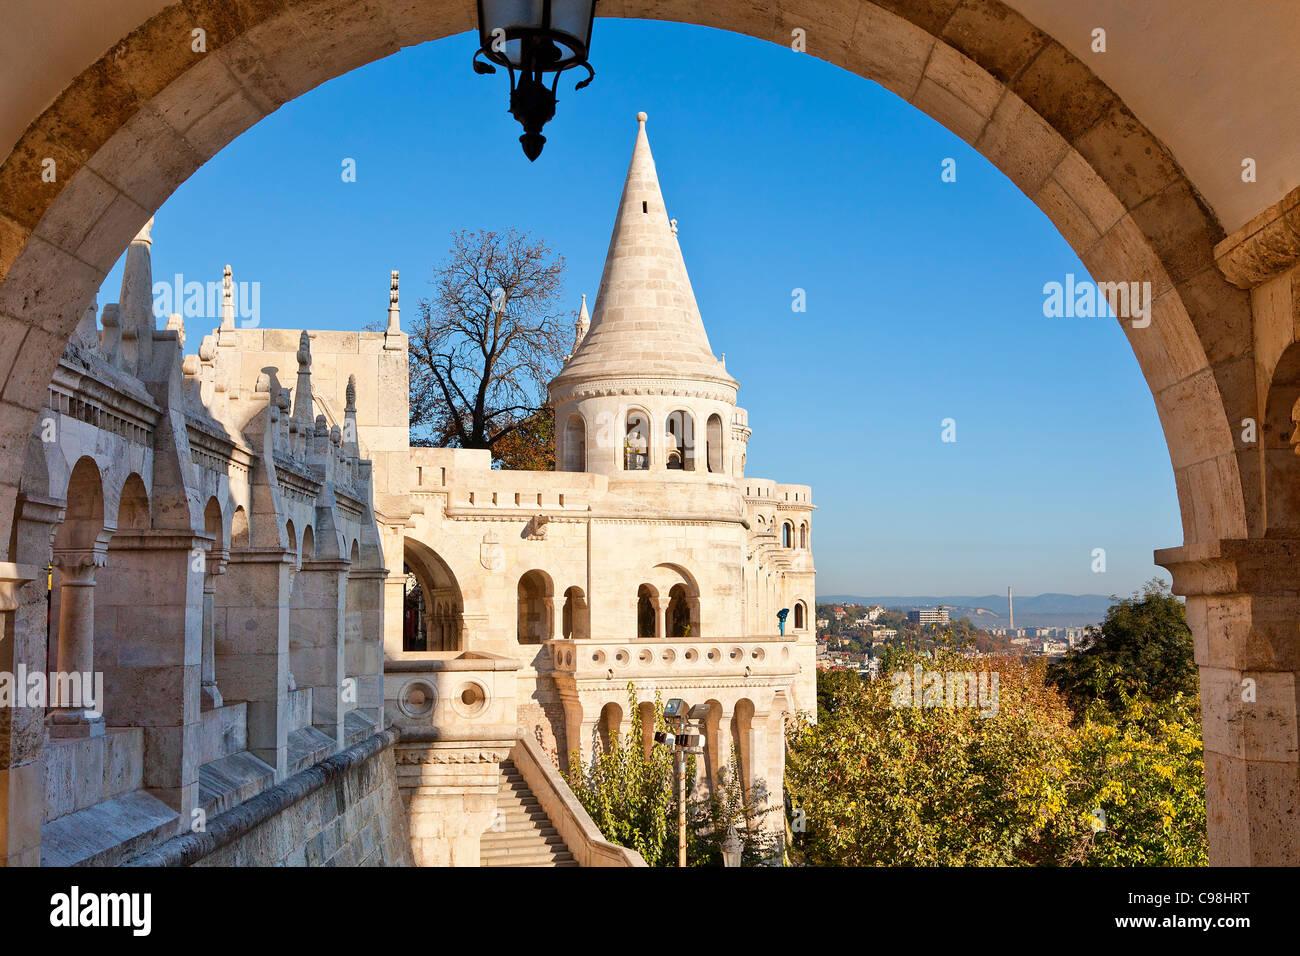 Budapest, Fishermen's Bastion - Stock Image